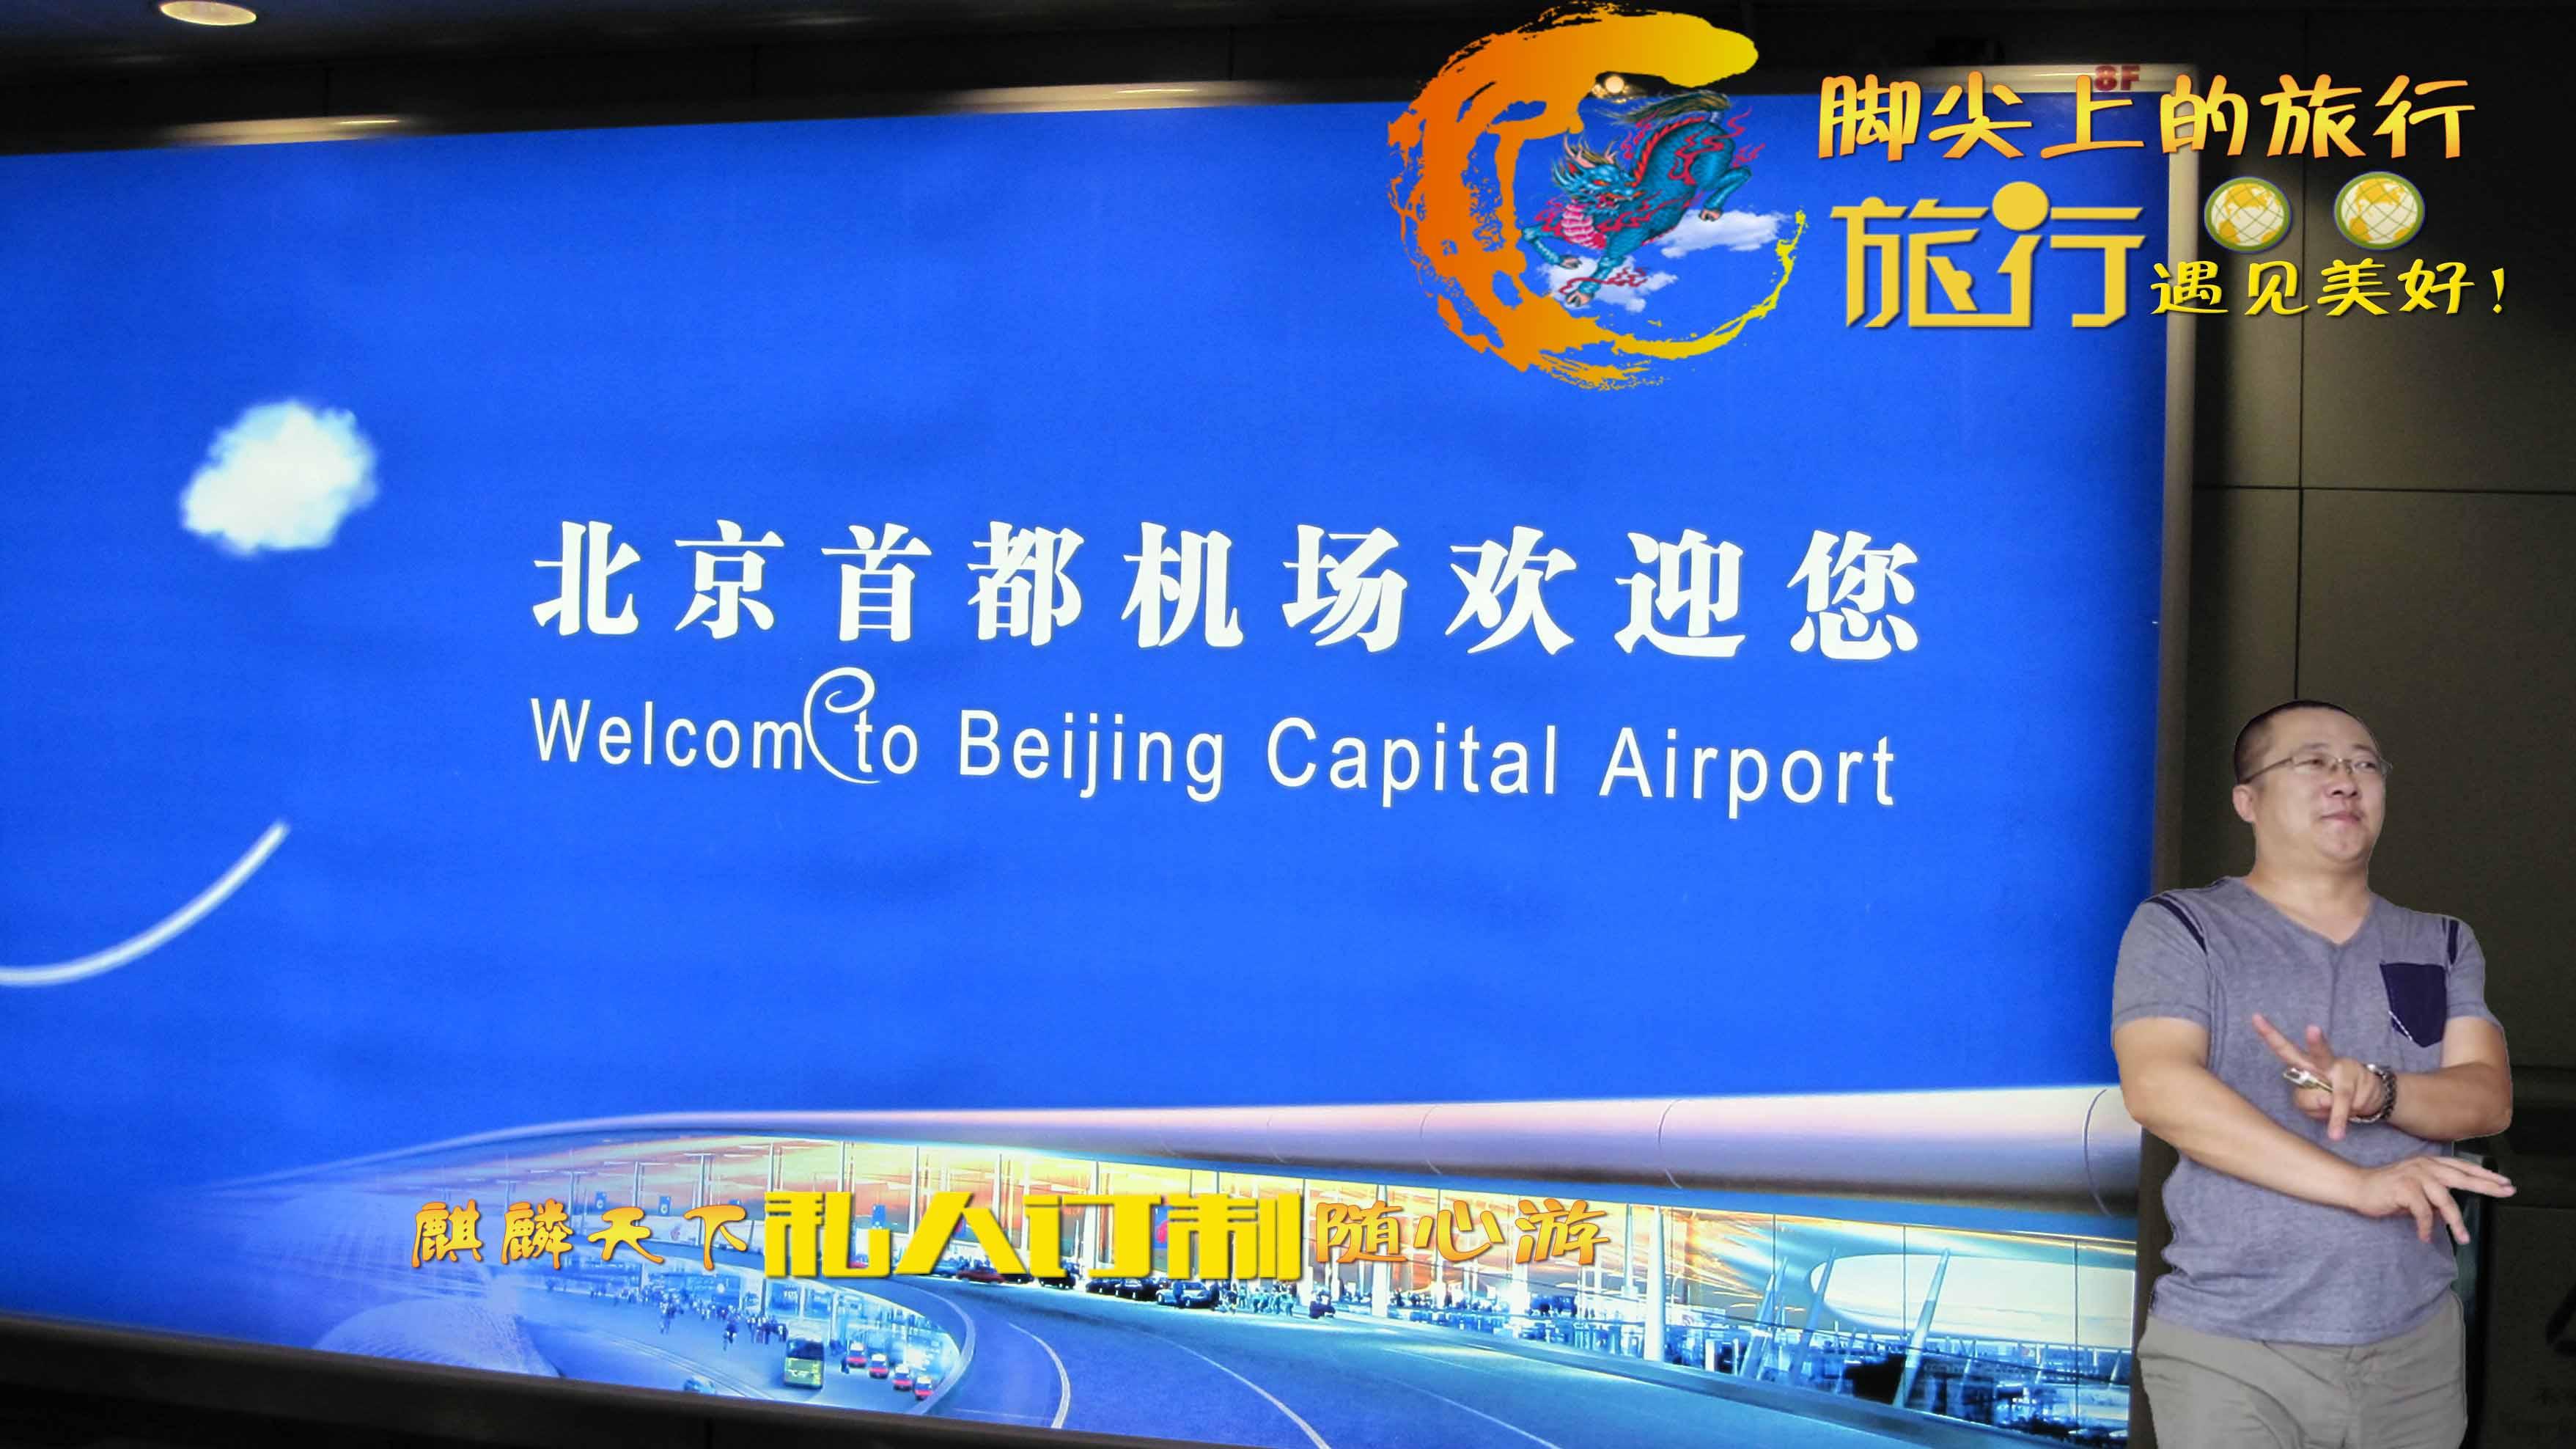 全顺15座北京各个火车站首都机场南苑机场西苑机场北京各大长途汽车站接送